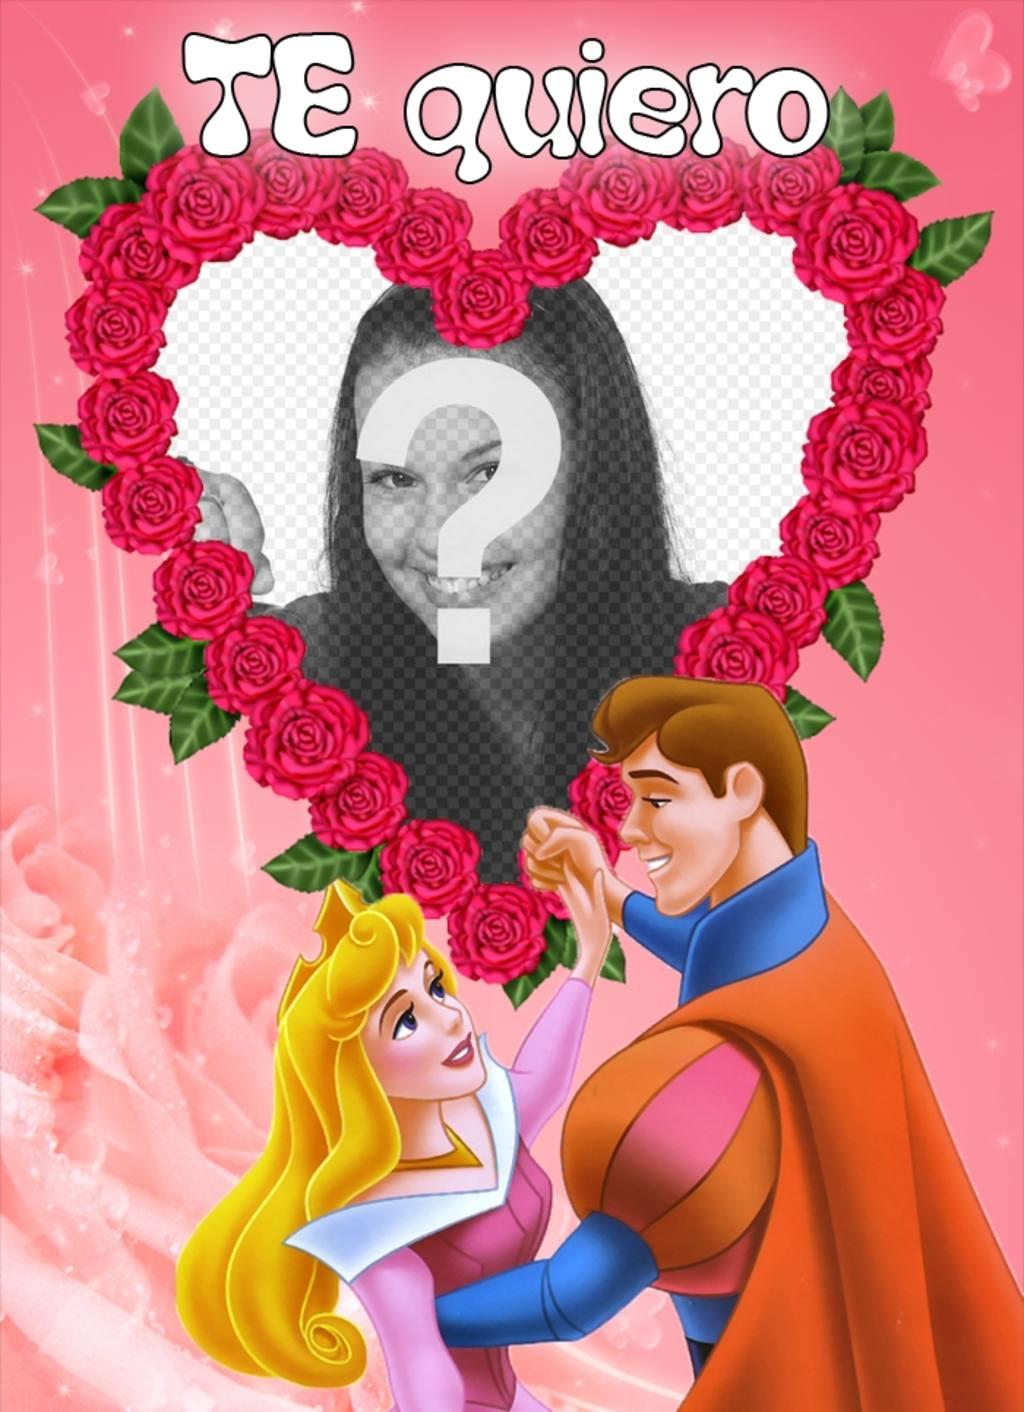 Marco para poner tu foto, de corazón formado por rosas y un príncipe ...